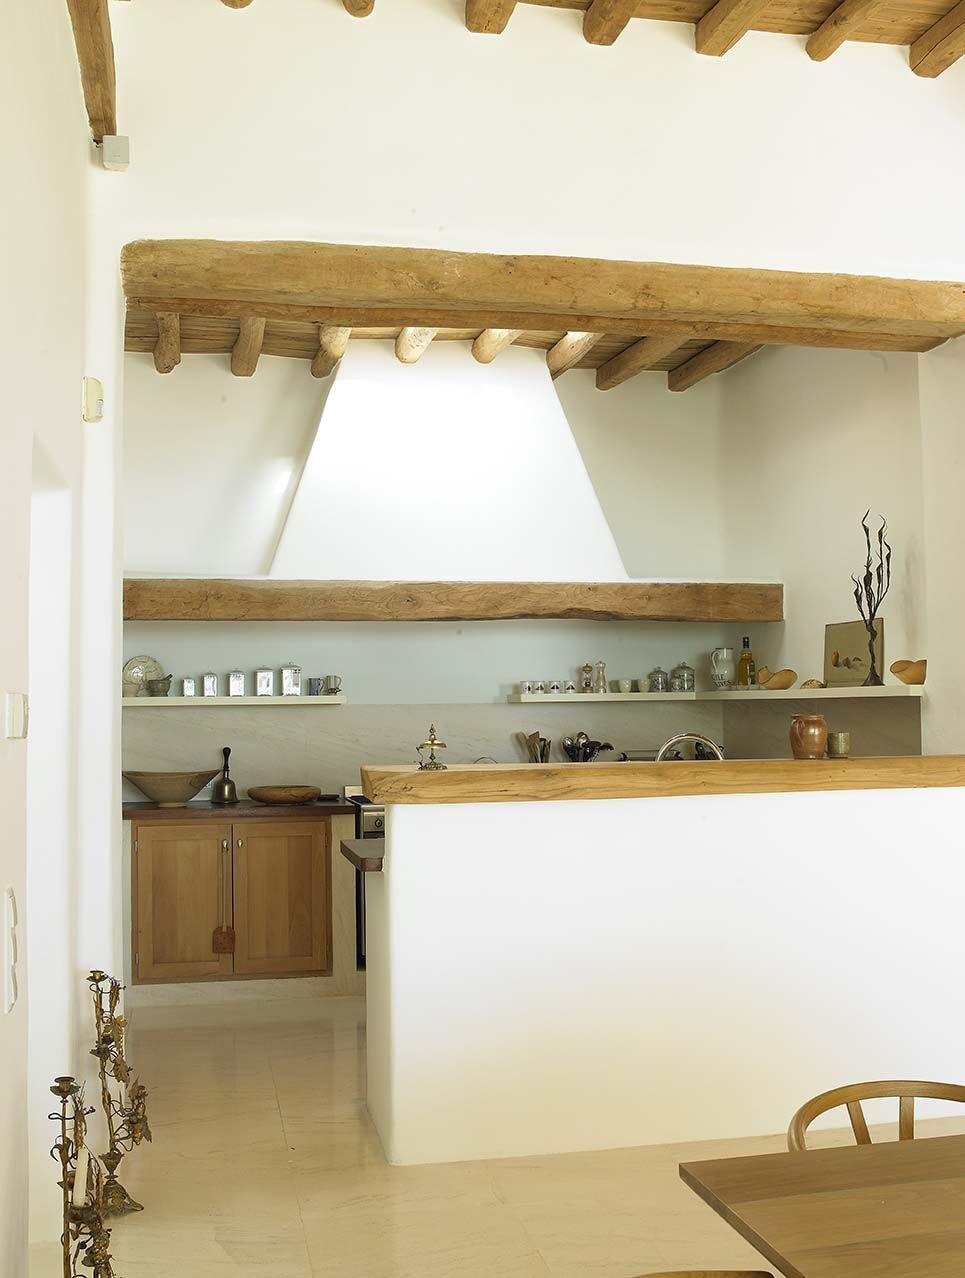 Blakstad design consultants projects cocinas - Fotos de cocinas rusticas de campo ...